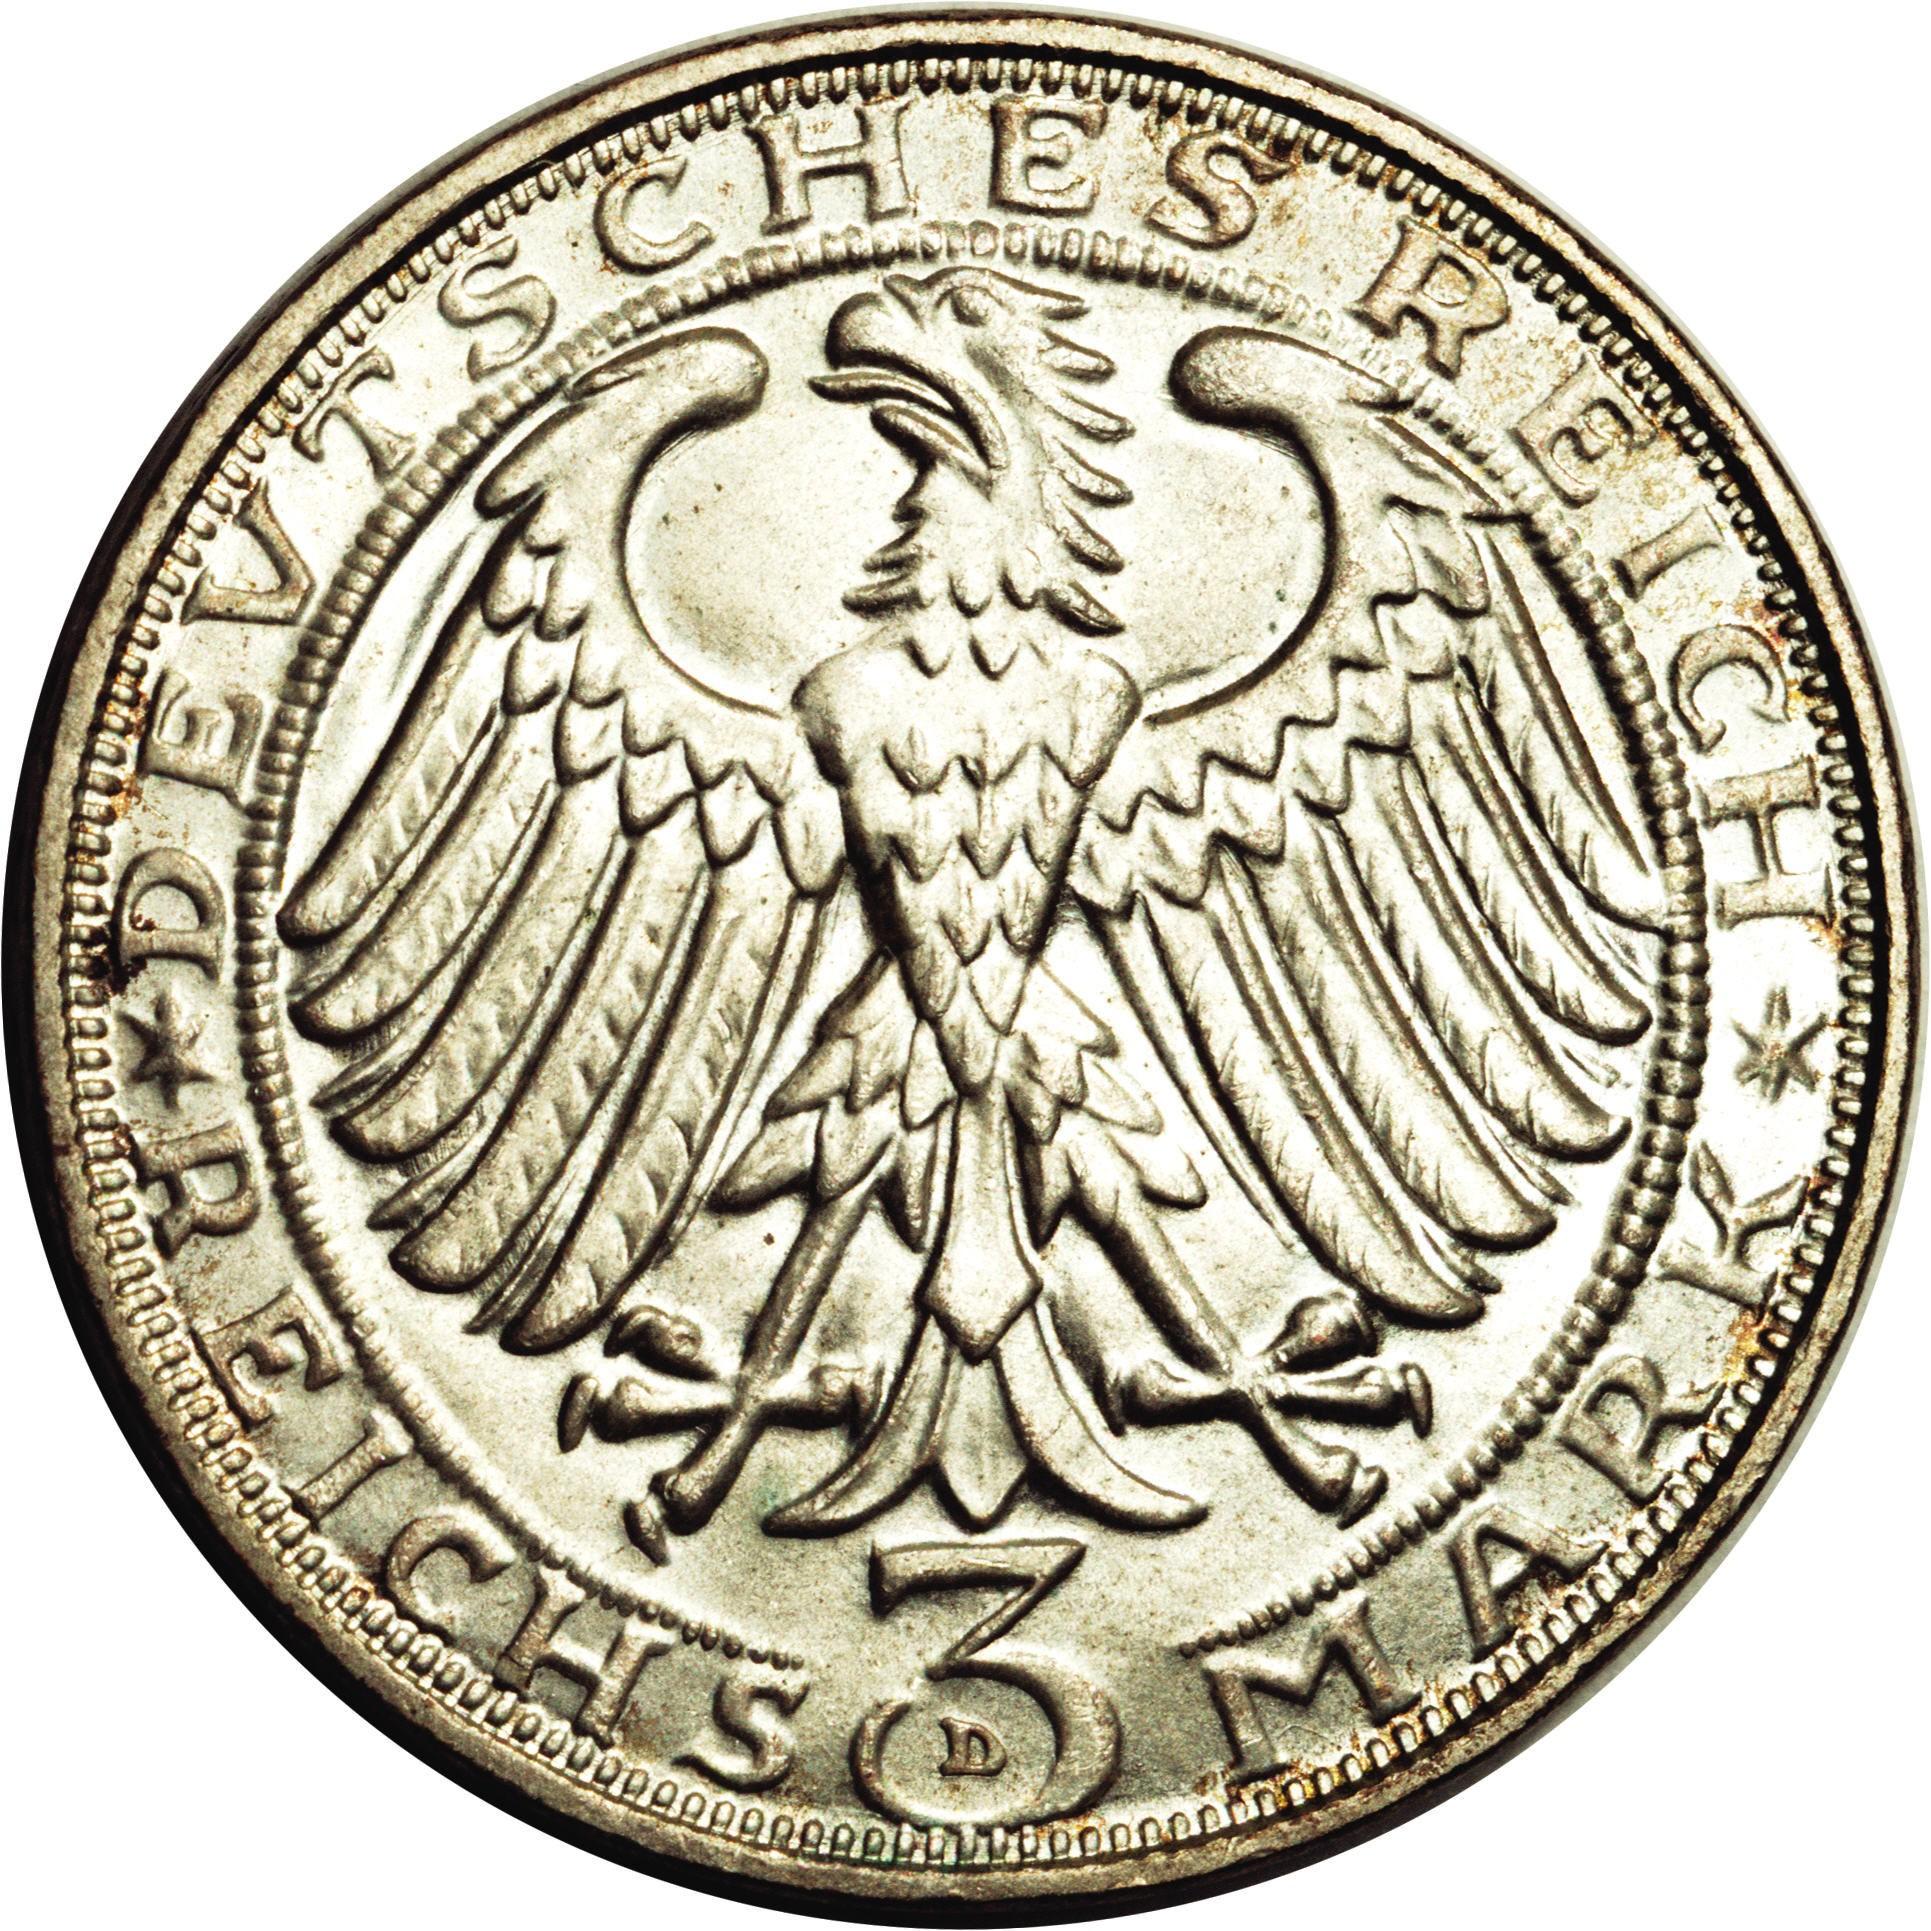 Germany 3 Reichsmark (1928 Albrecht Dürer)